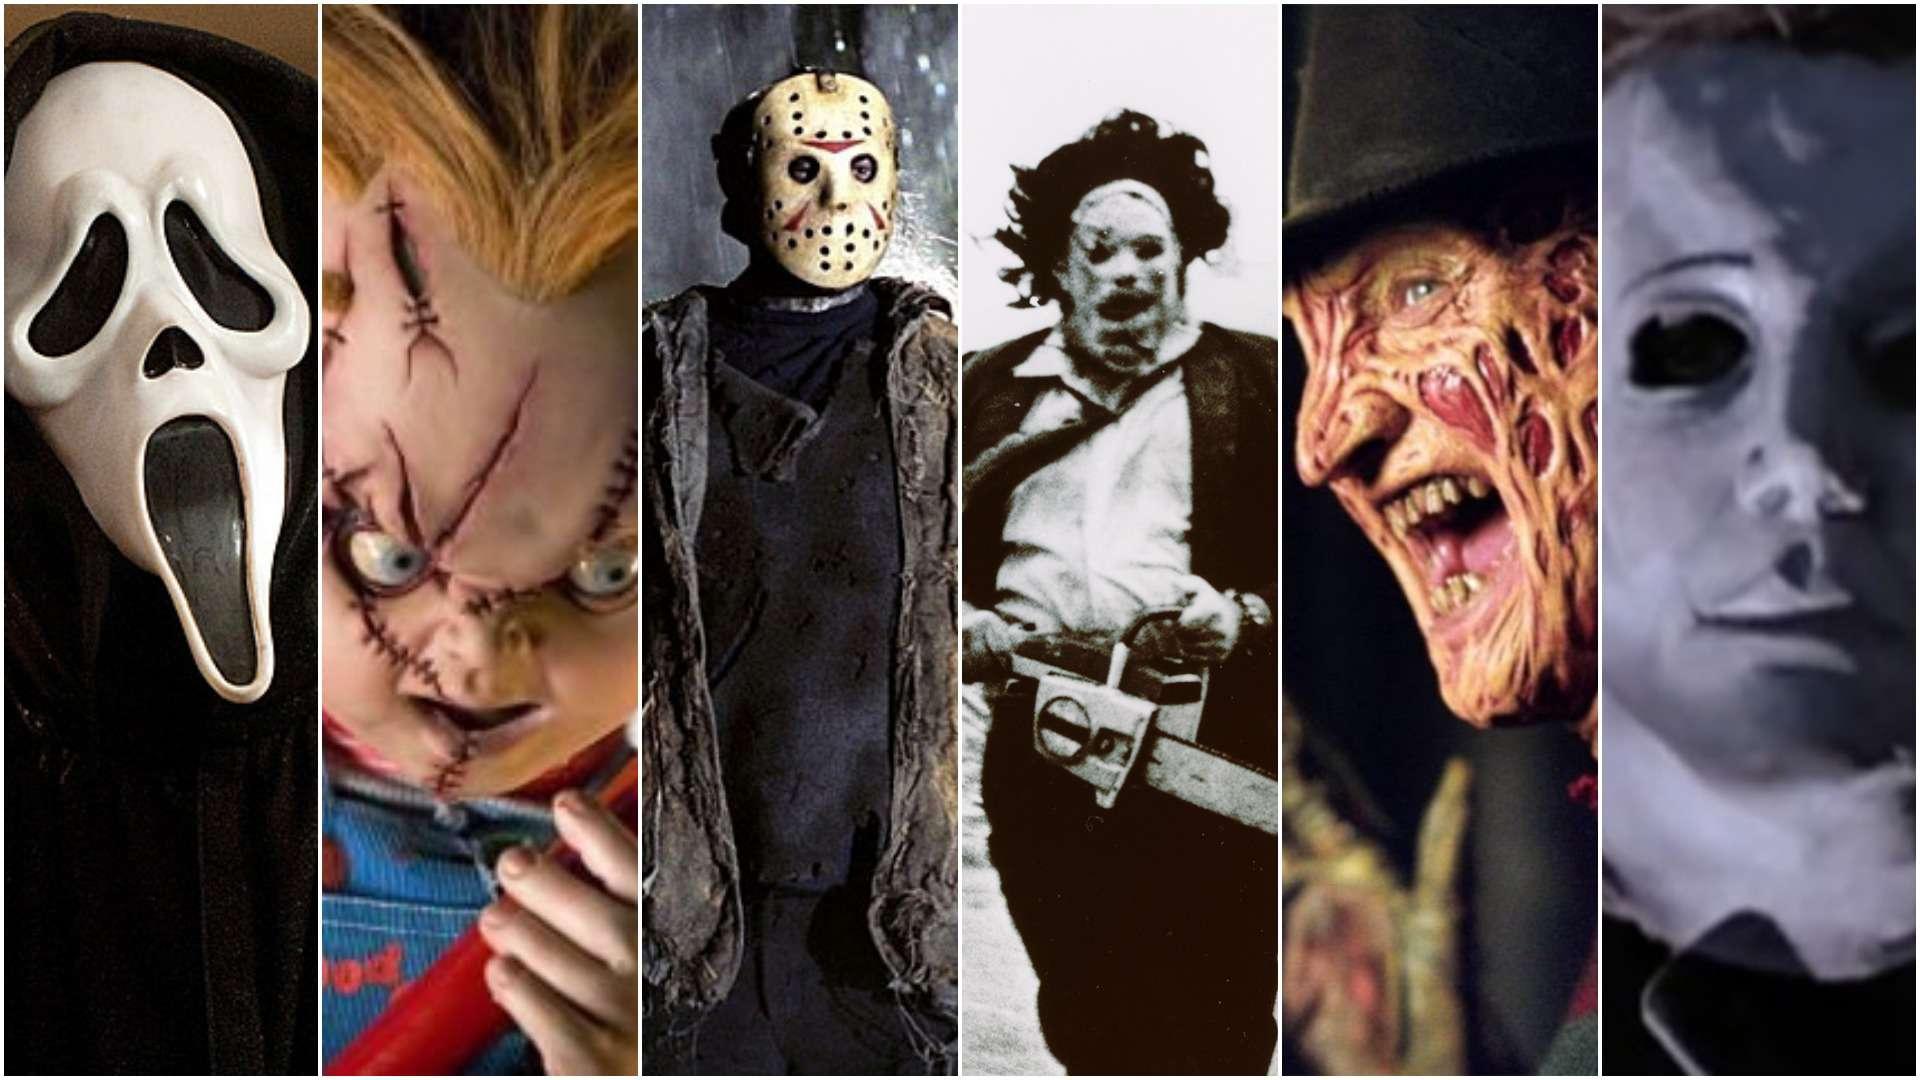 Ranking Horror's Top Slasher Villains